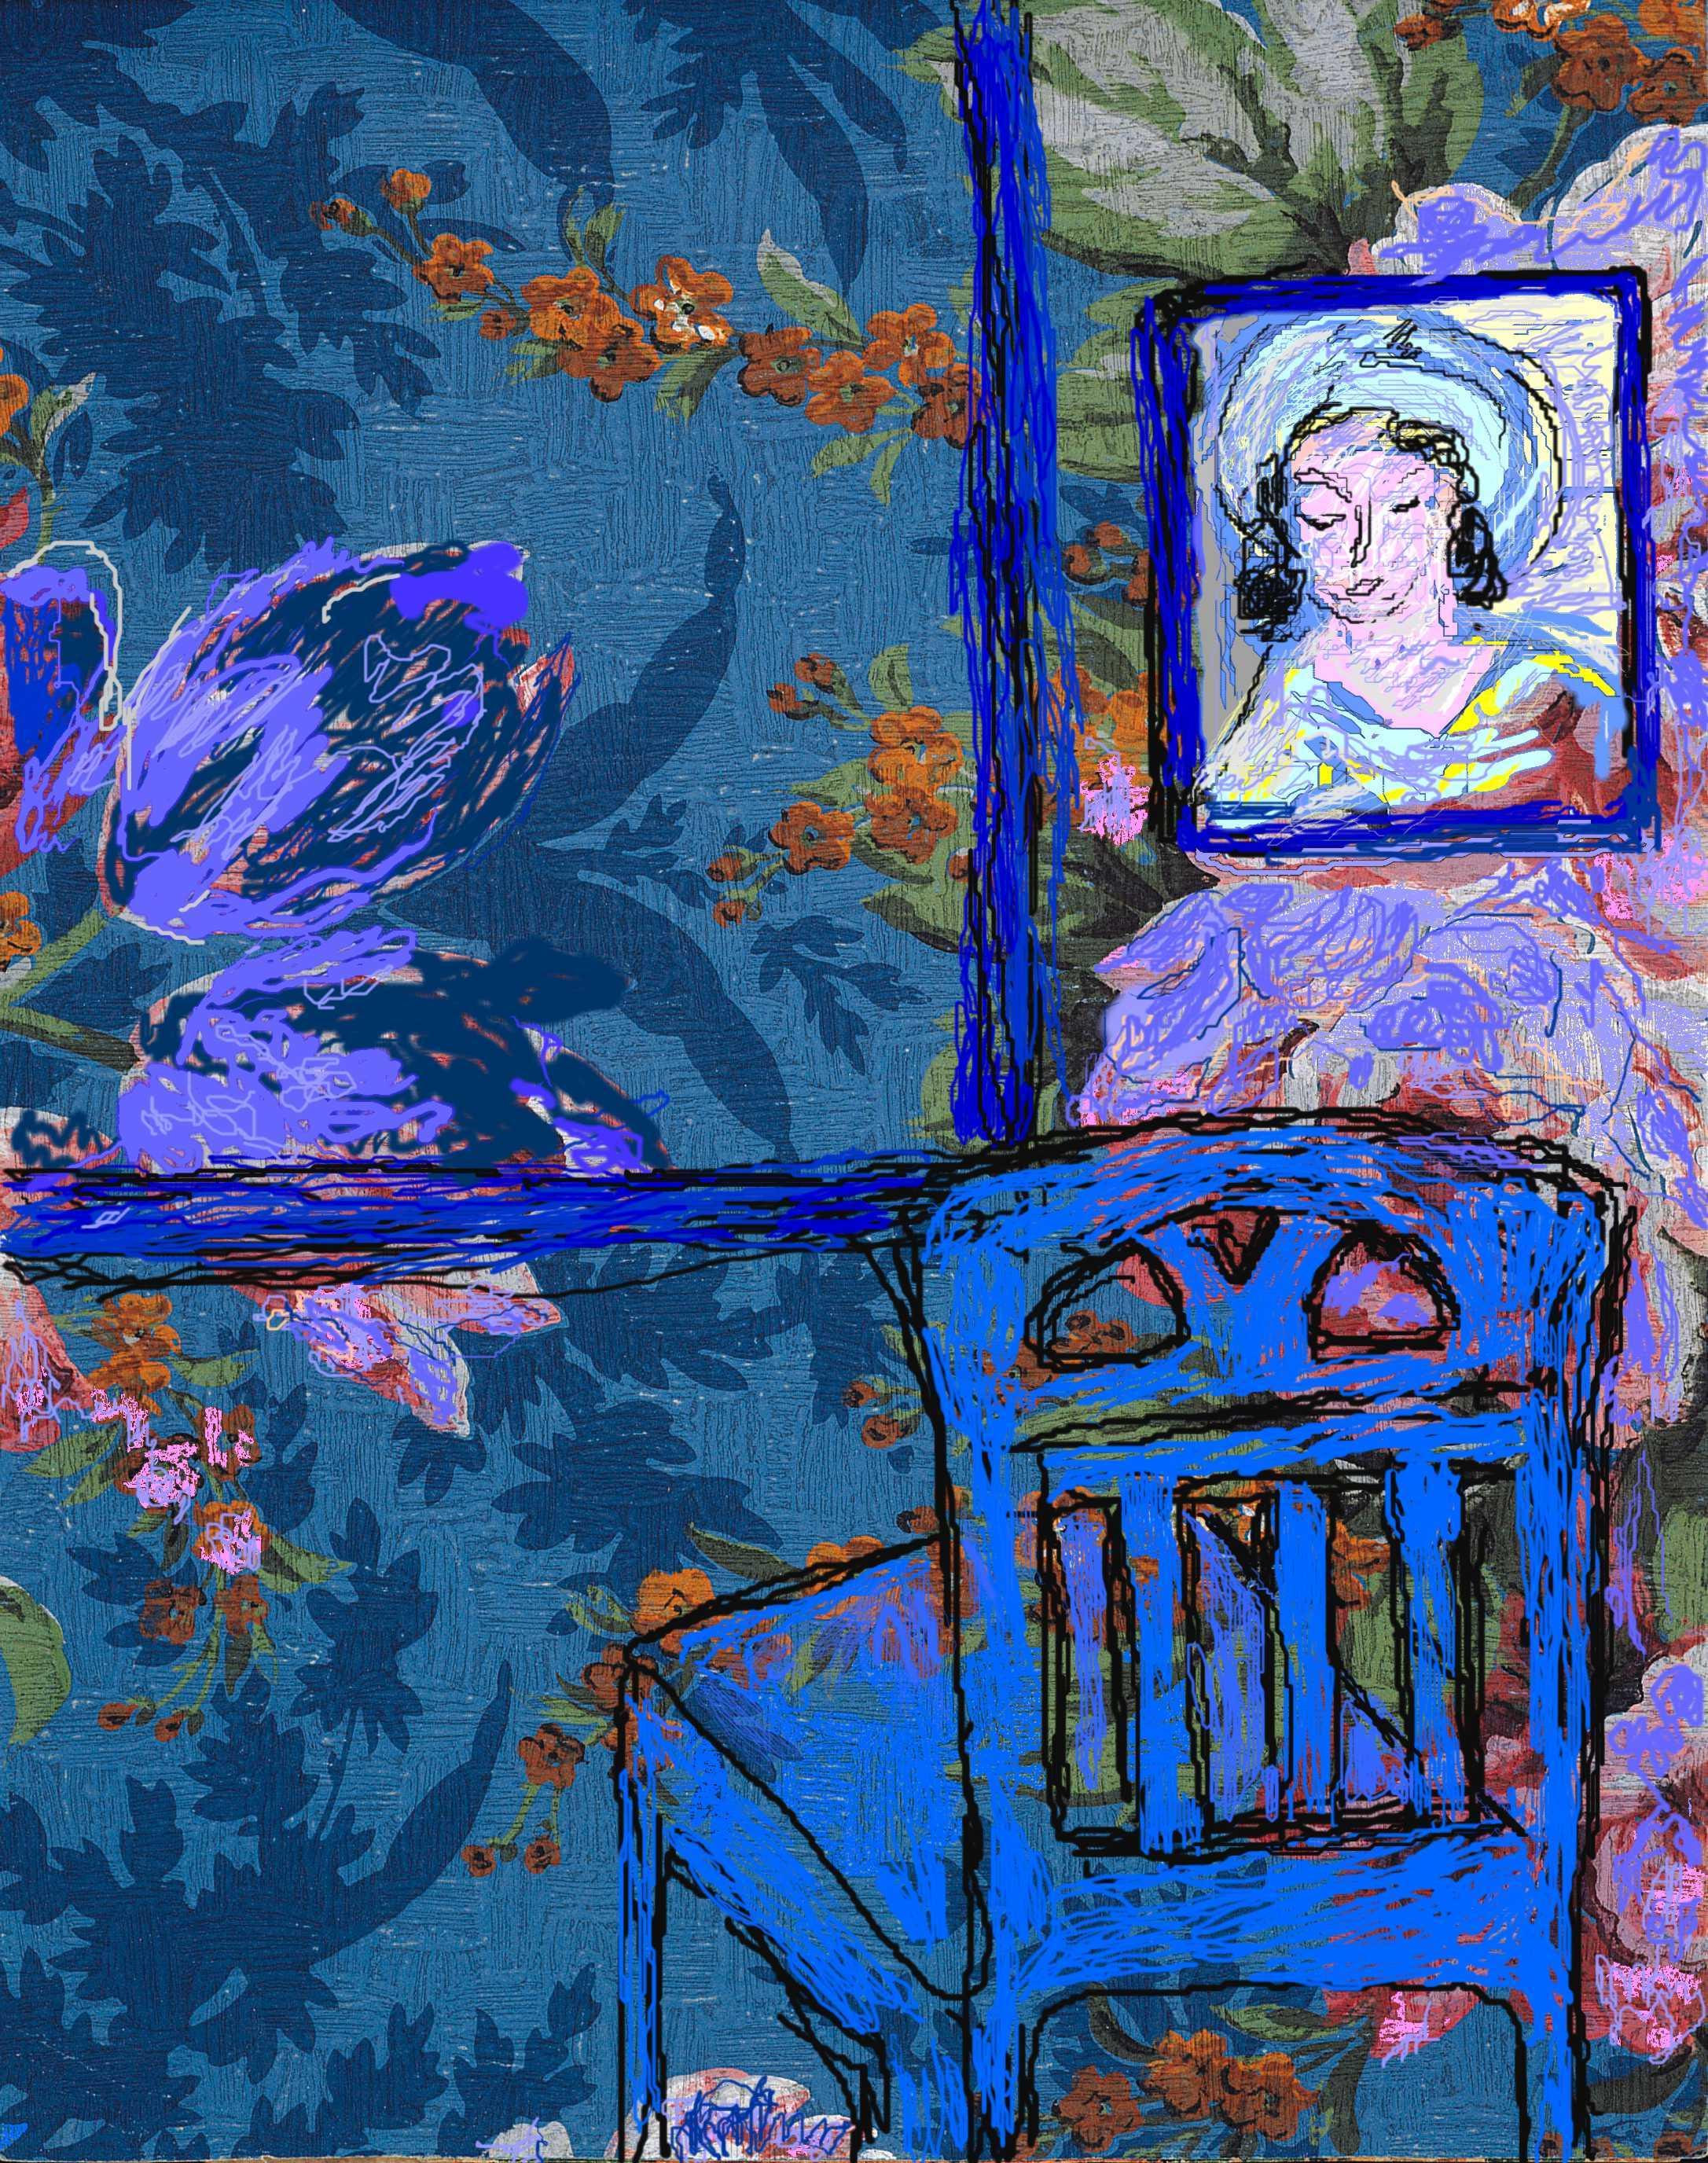 Blue Room paintings